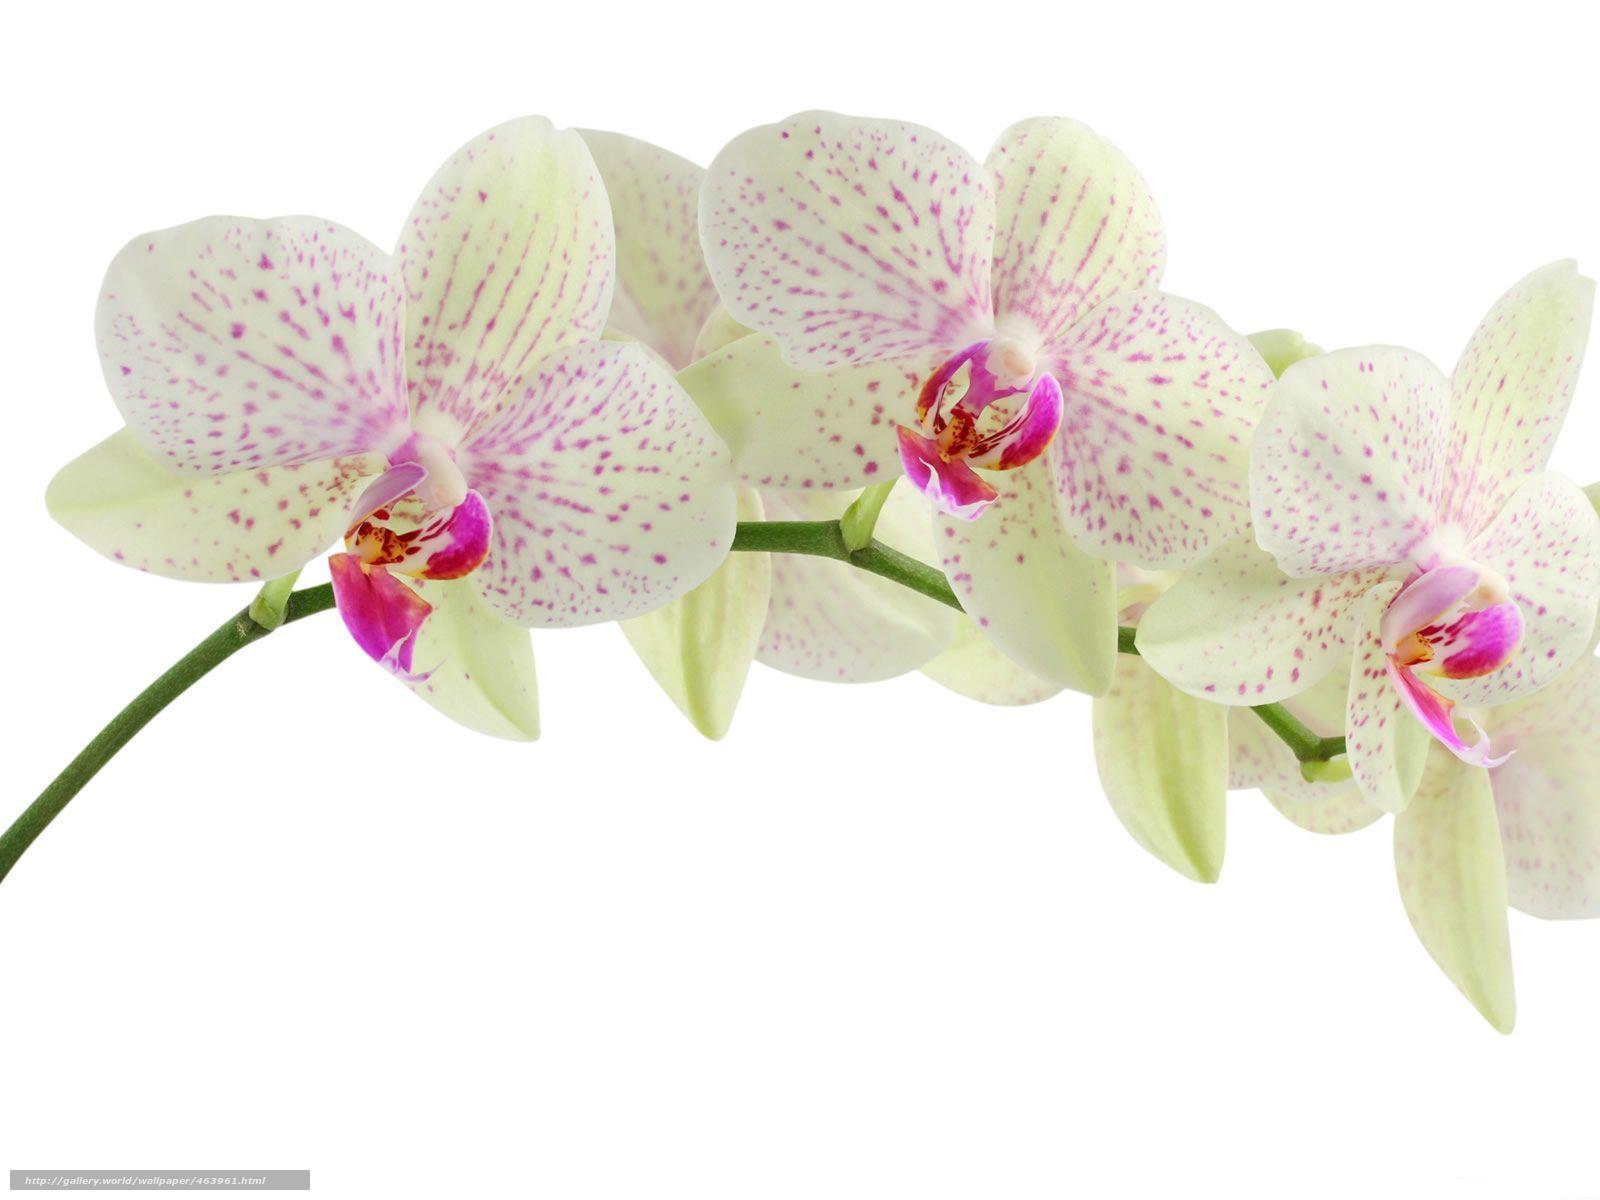 Скачать обои белая,  орхидея,  цветы,  красота бесплатно для рабочего стола в разрешении 1600x1200 — картинка №463961